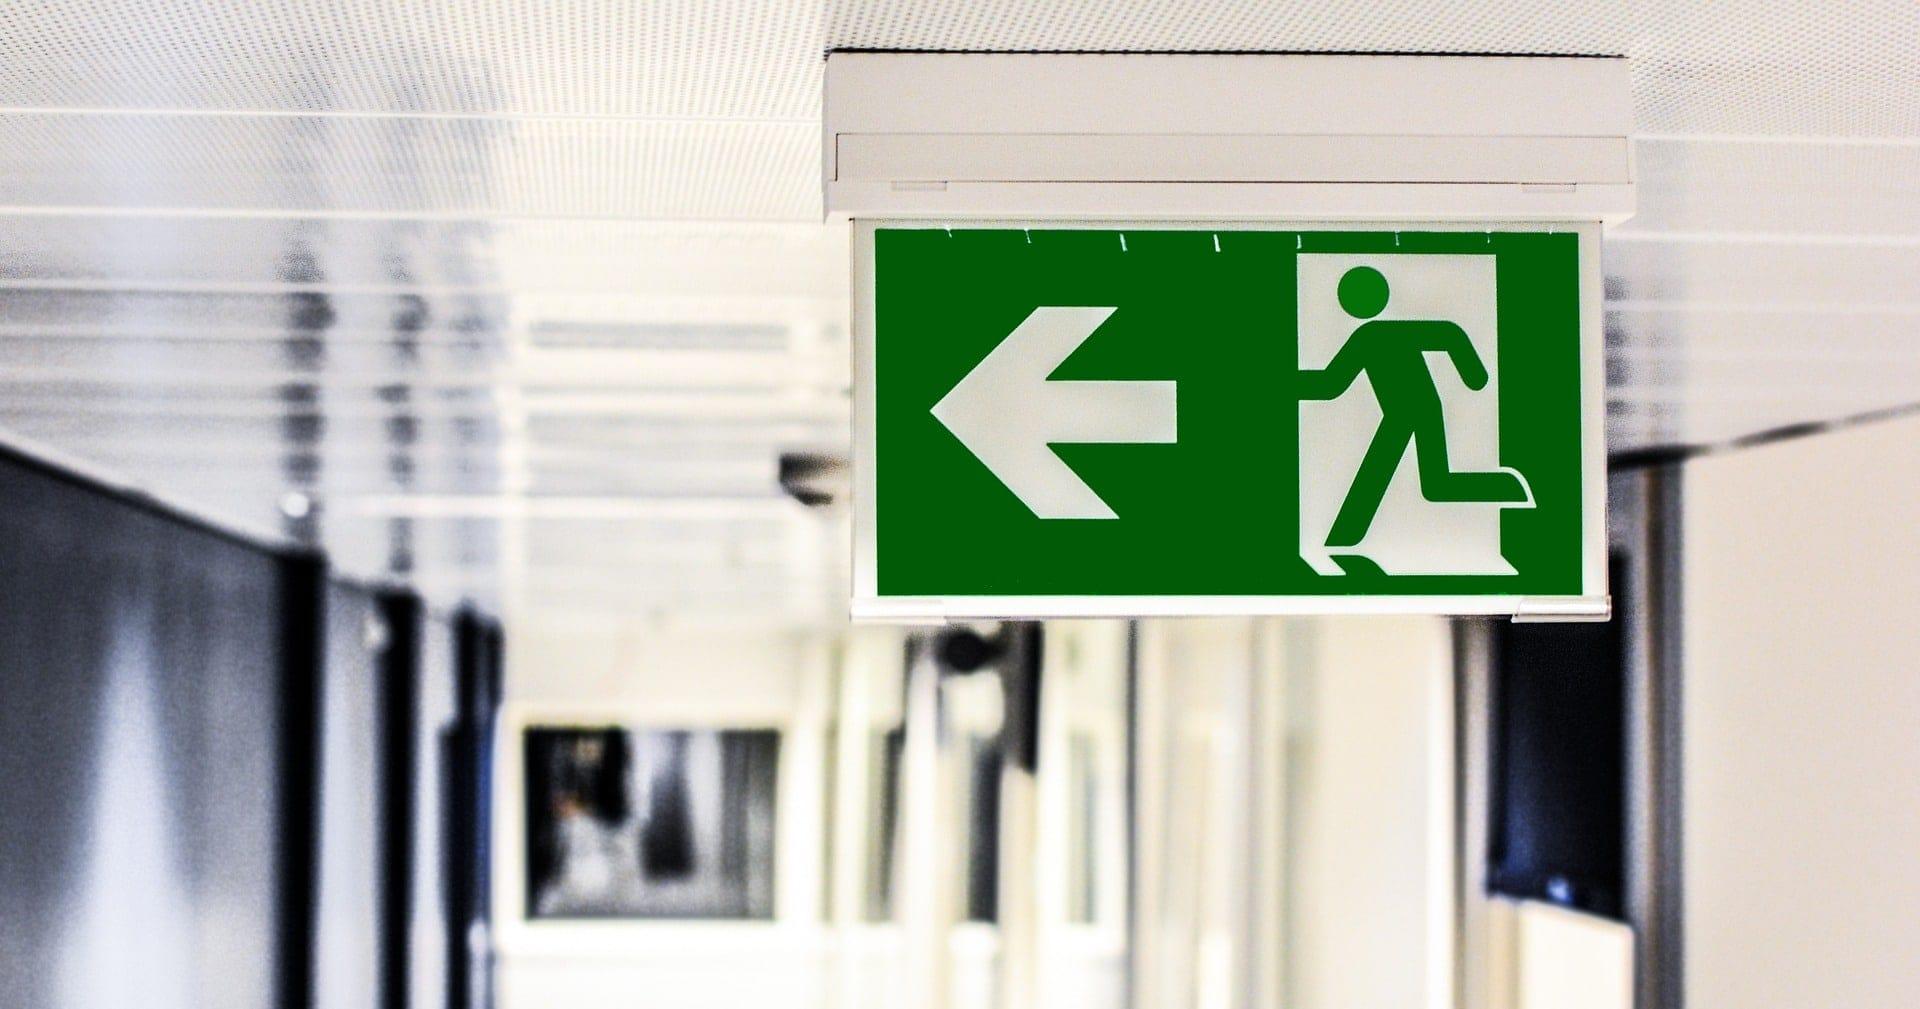 Alarmübung am 4. Juni – Zugang zum Bahnhof zwischen 8 und 9 Uhr gesperrt Regensburg Arcaden proben den Ernstfall